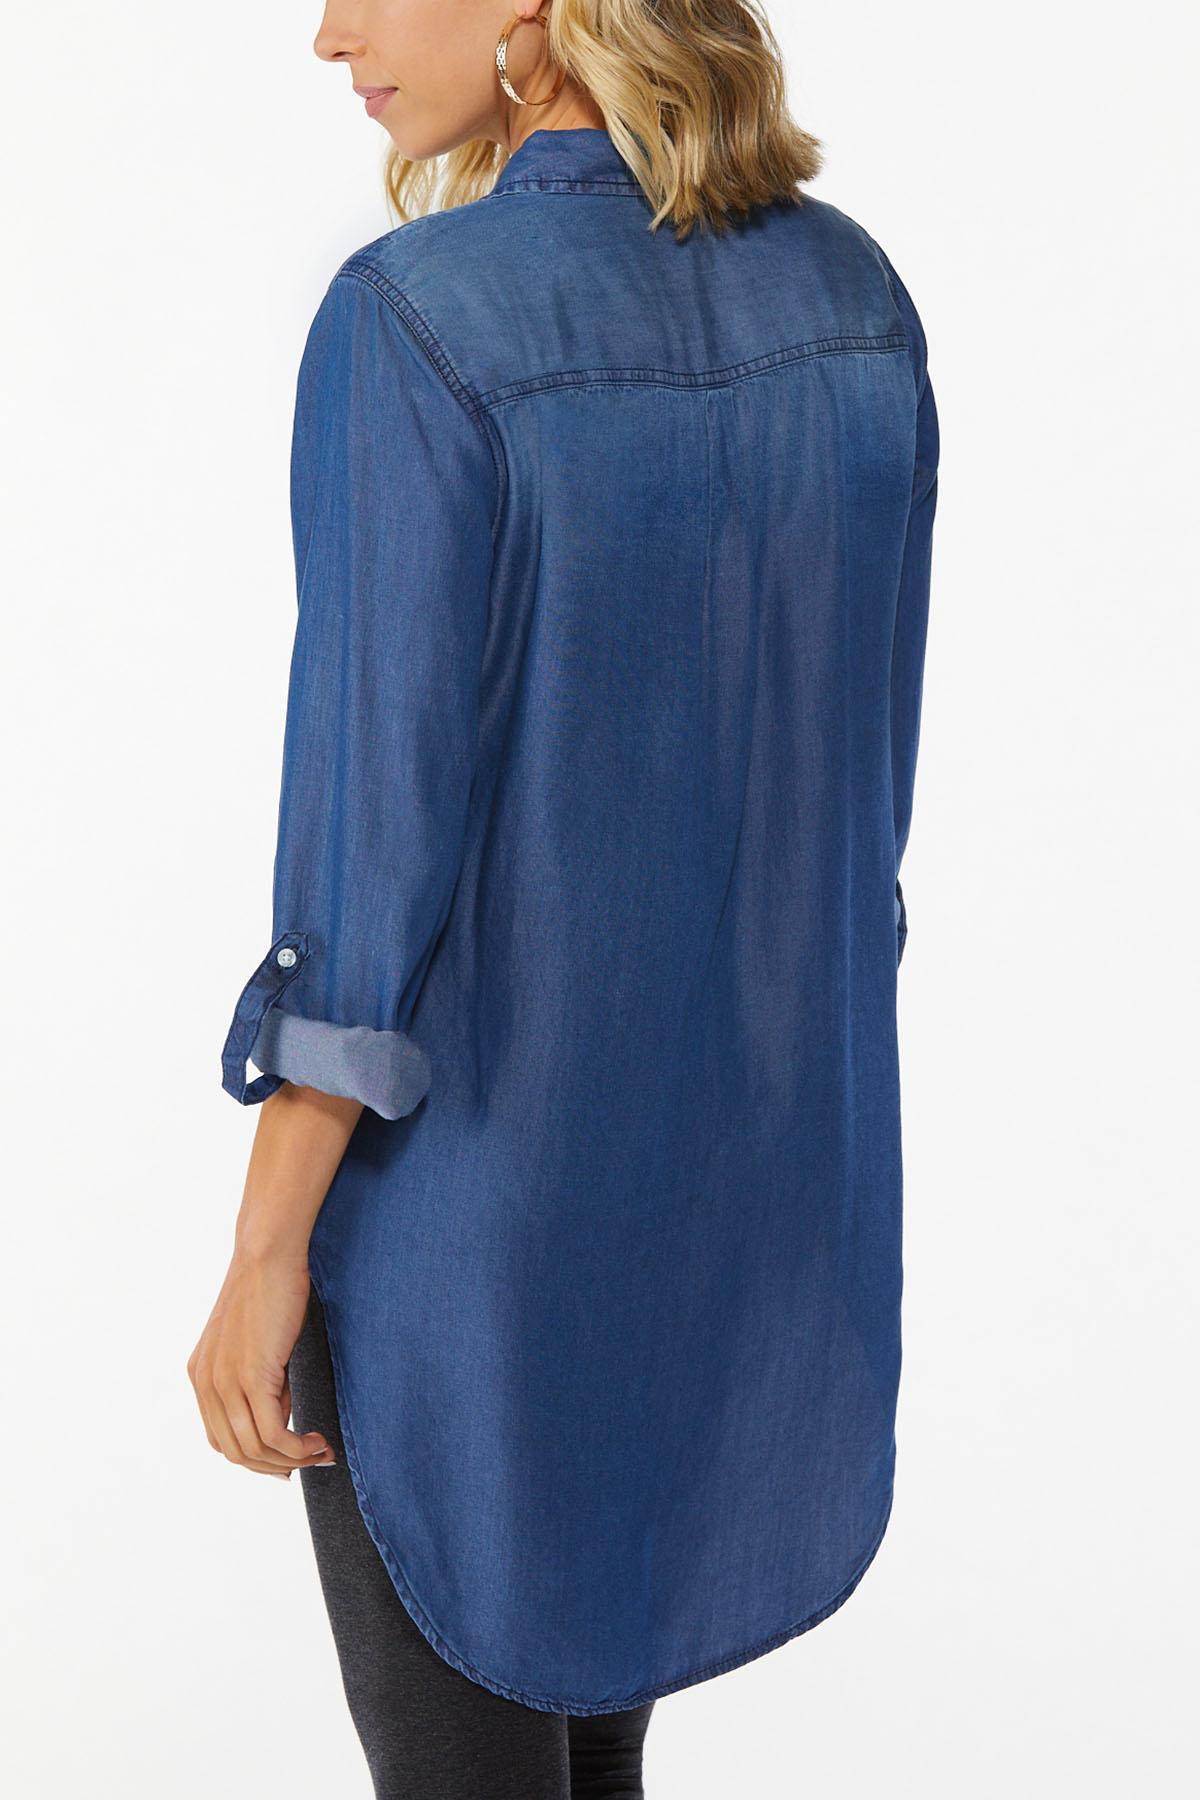 Dark Wash Denim Shirt (Item #44666975)